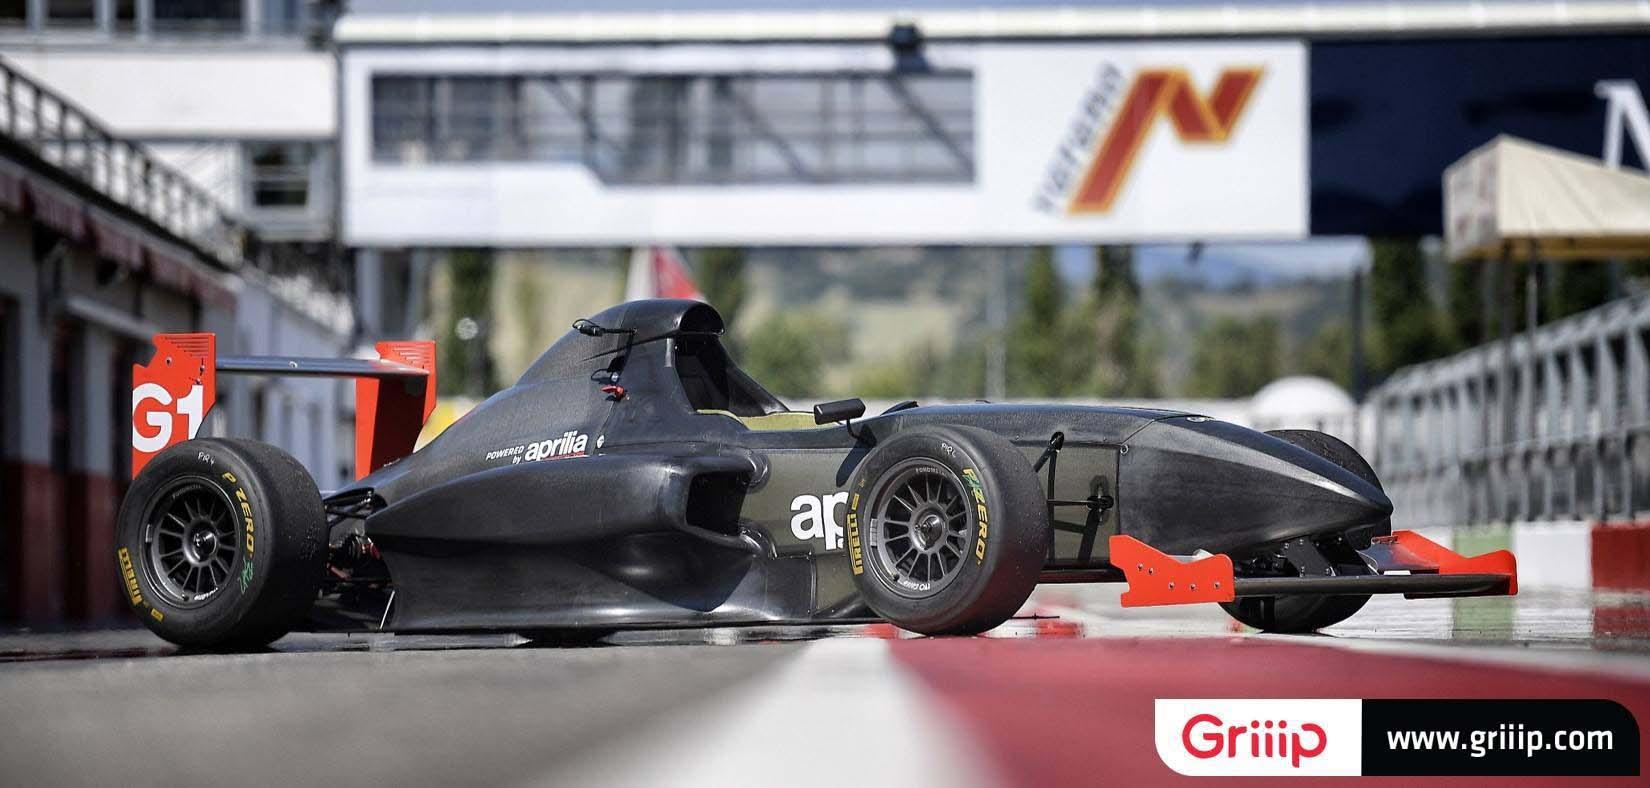 Check Out This Aprilia RSV4-Powered Race Car - Asphalt & Rubber